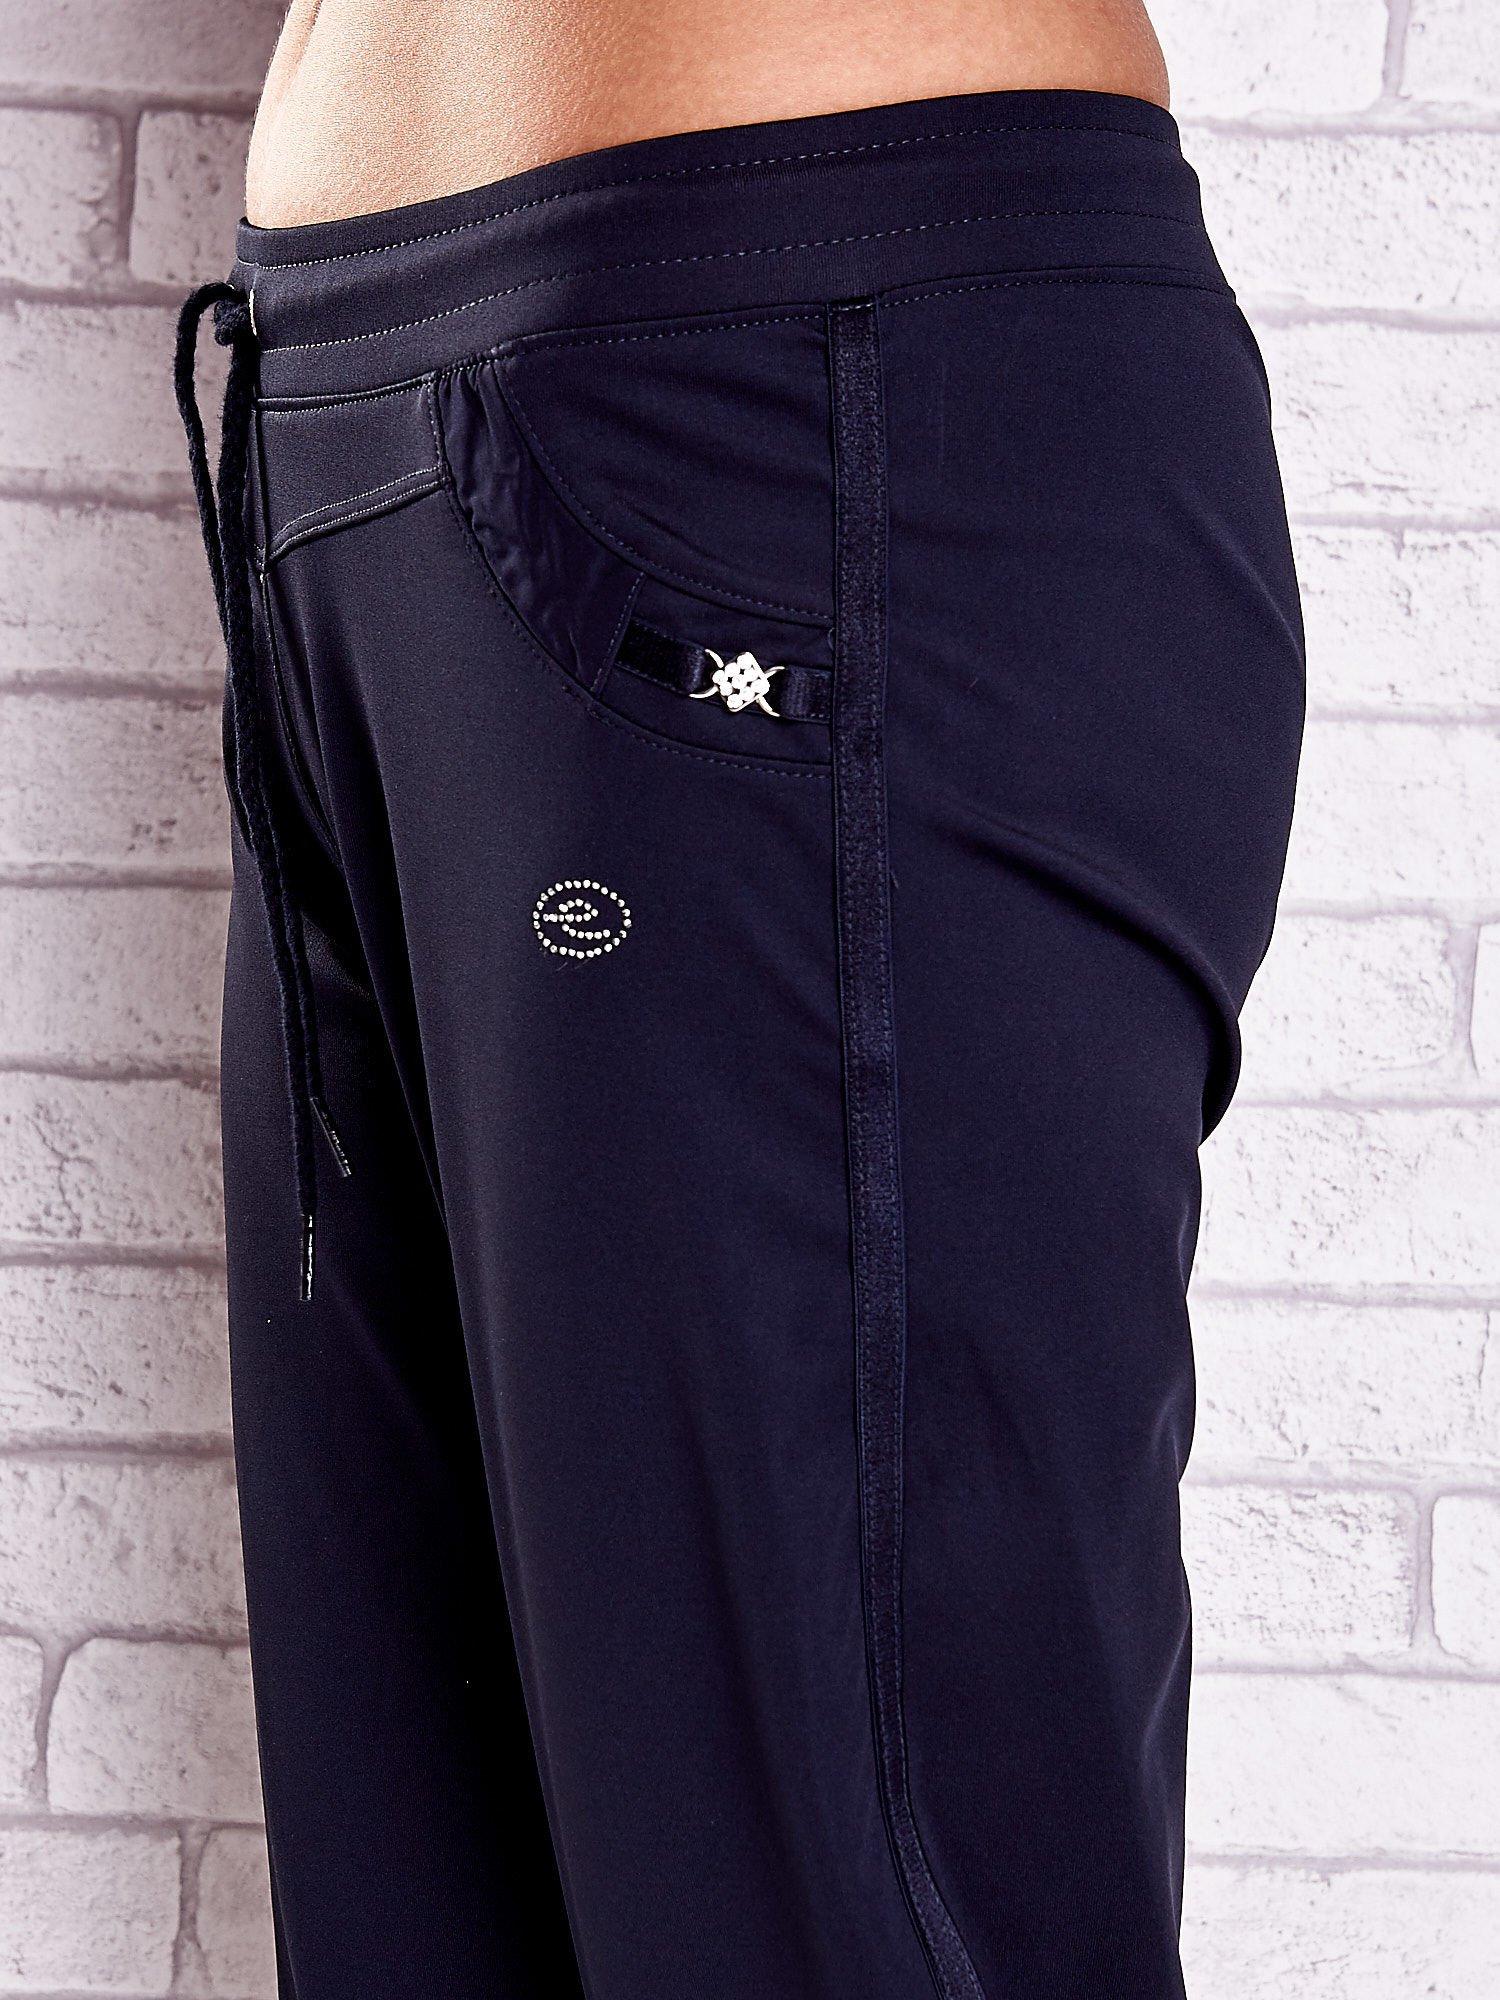 Granatowe spodnie capri z aplikacjami z dżetów                                  zdj.                                  5